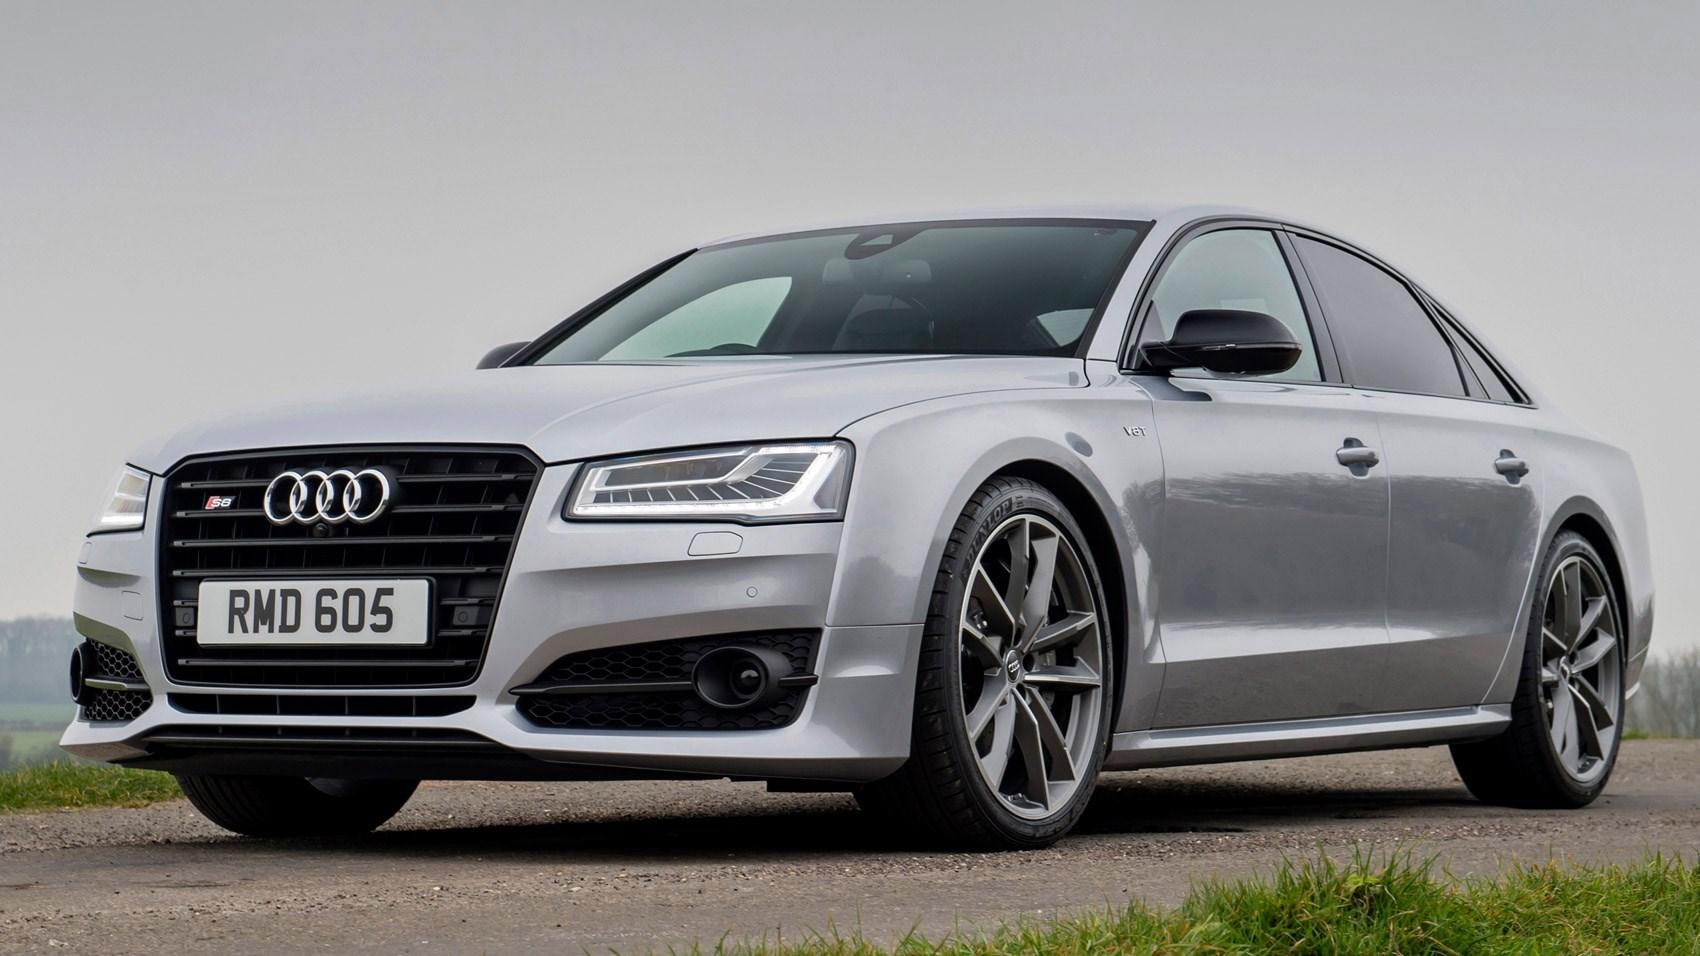 Kelebihan Kekurangan Audi S8 2016 Top Model Tahun Ini